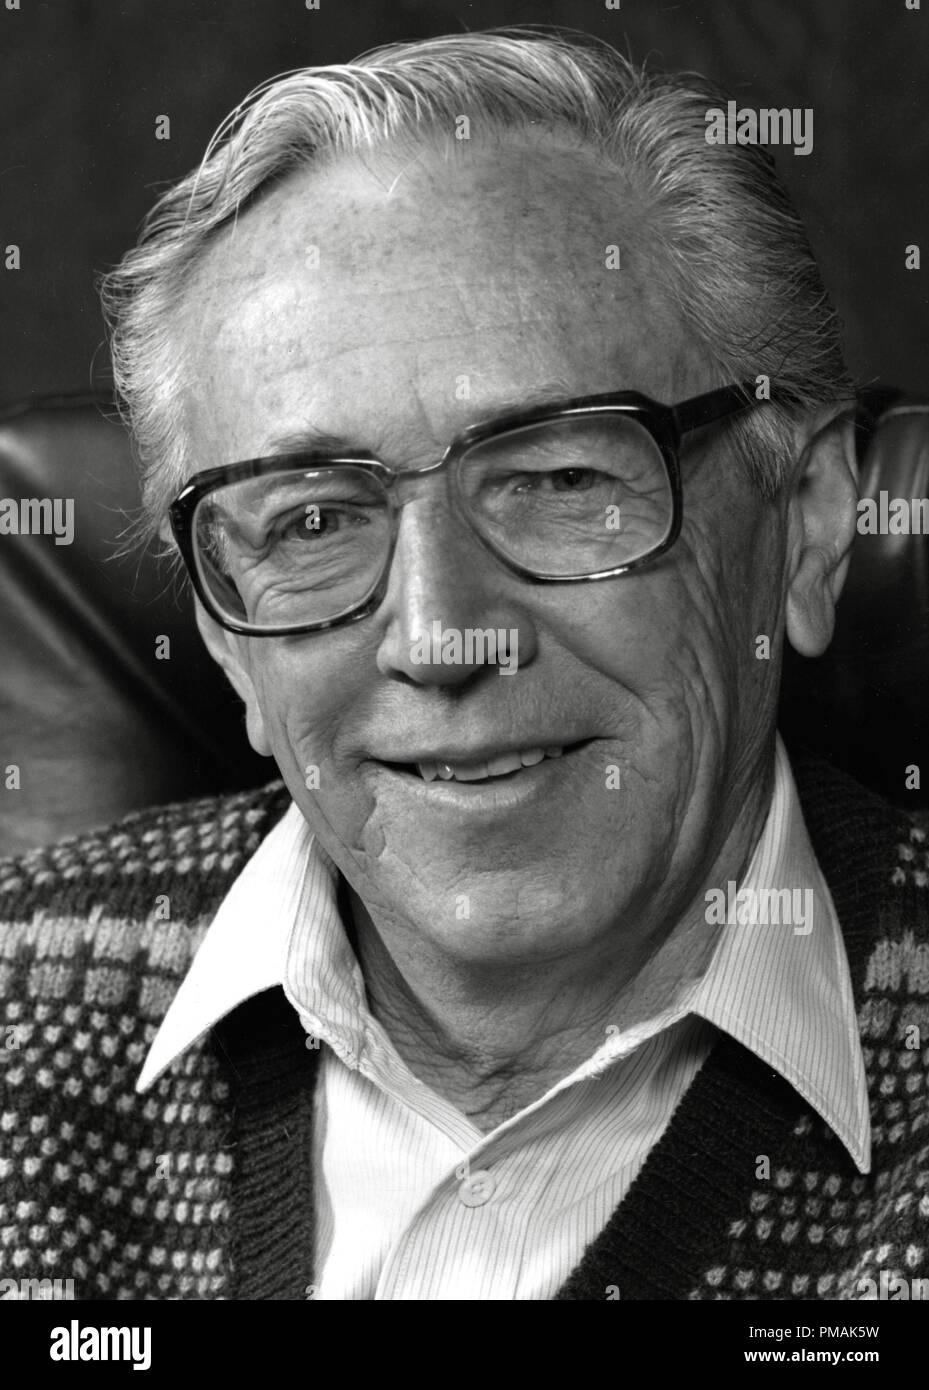 Charles M.Schulz, der Schöpfer der 'Peanuts' Comic und Zeichen, ca. 1984 Datei Referenz # 33300_245 THA Stockbild